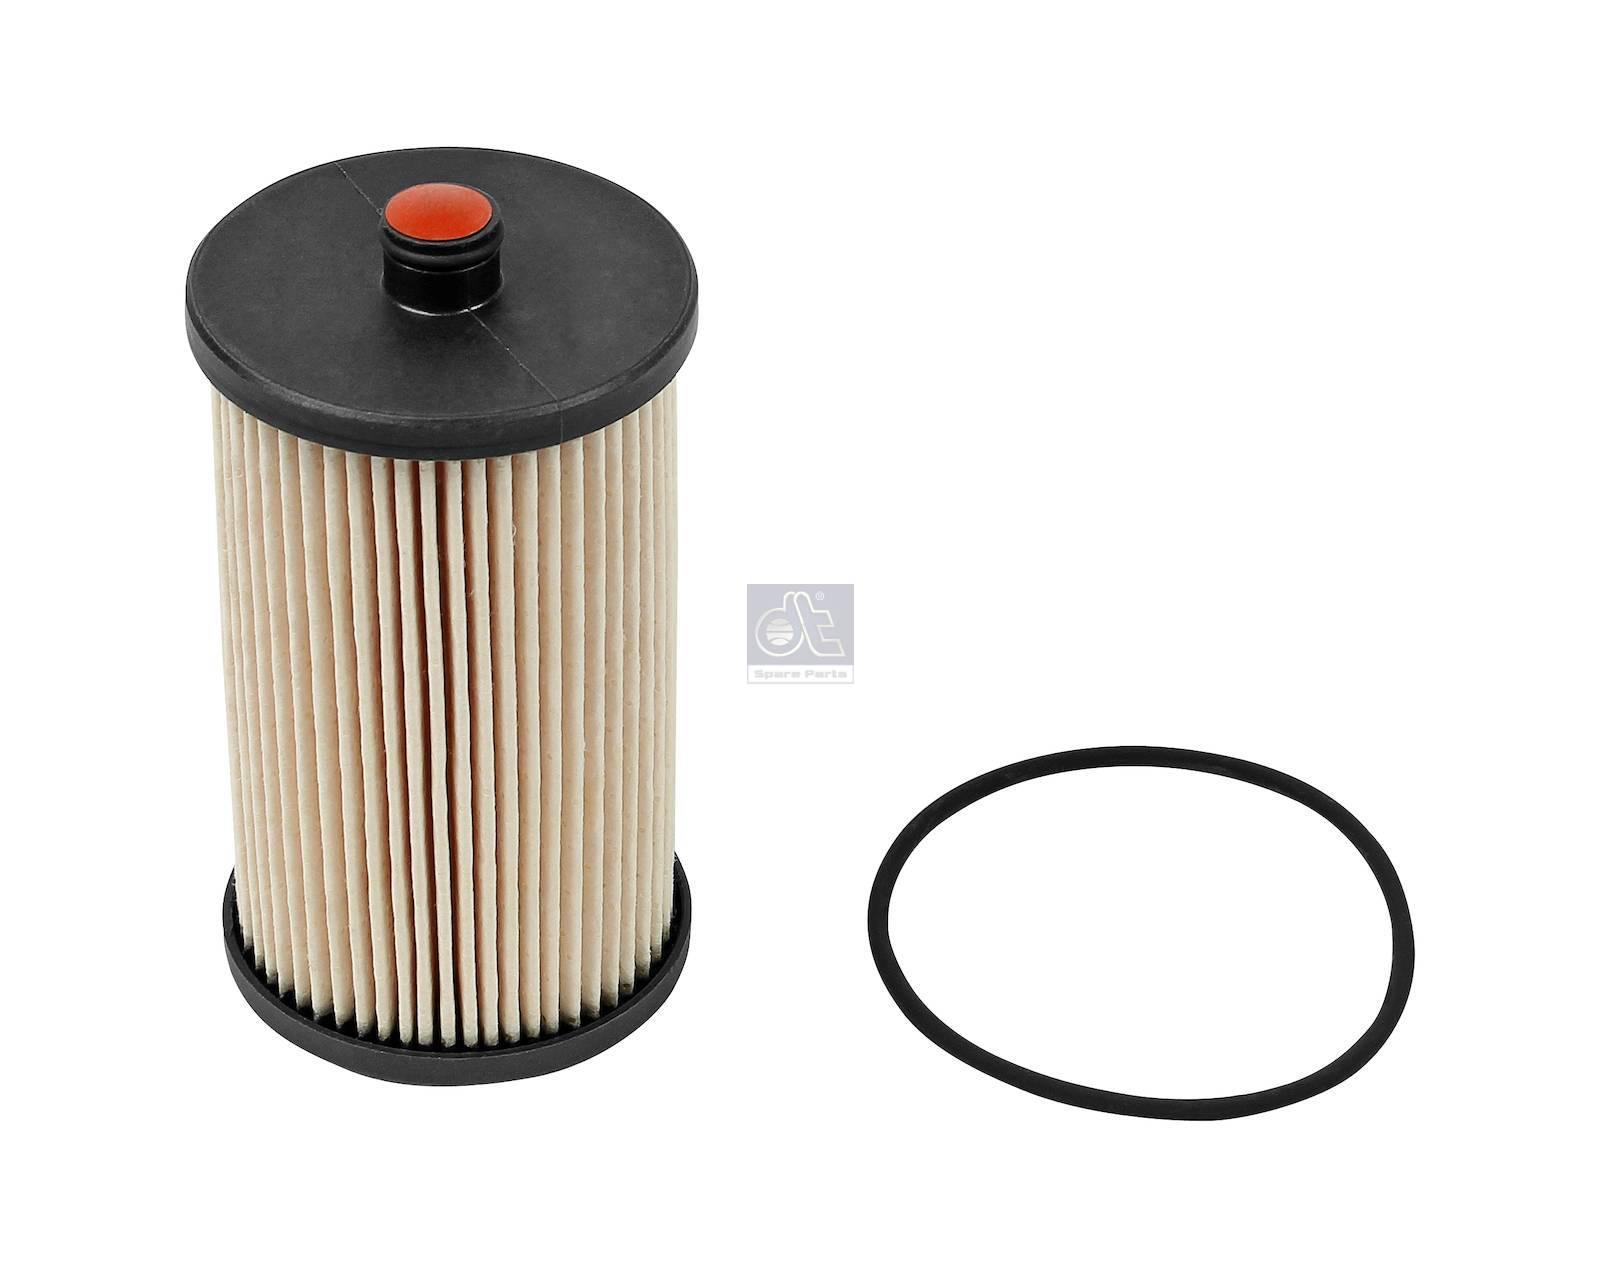 Fuel filter insert